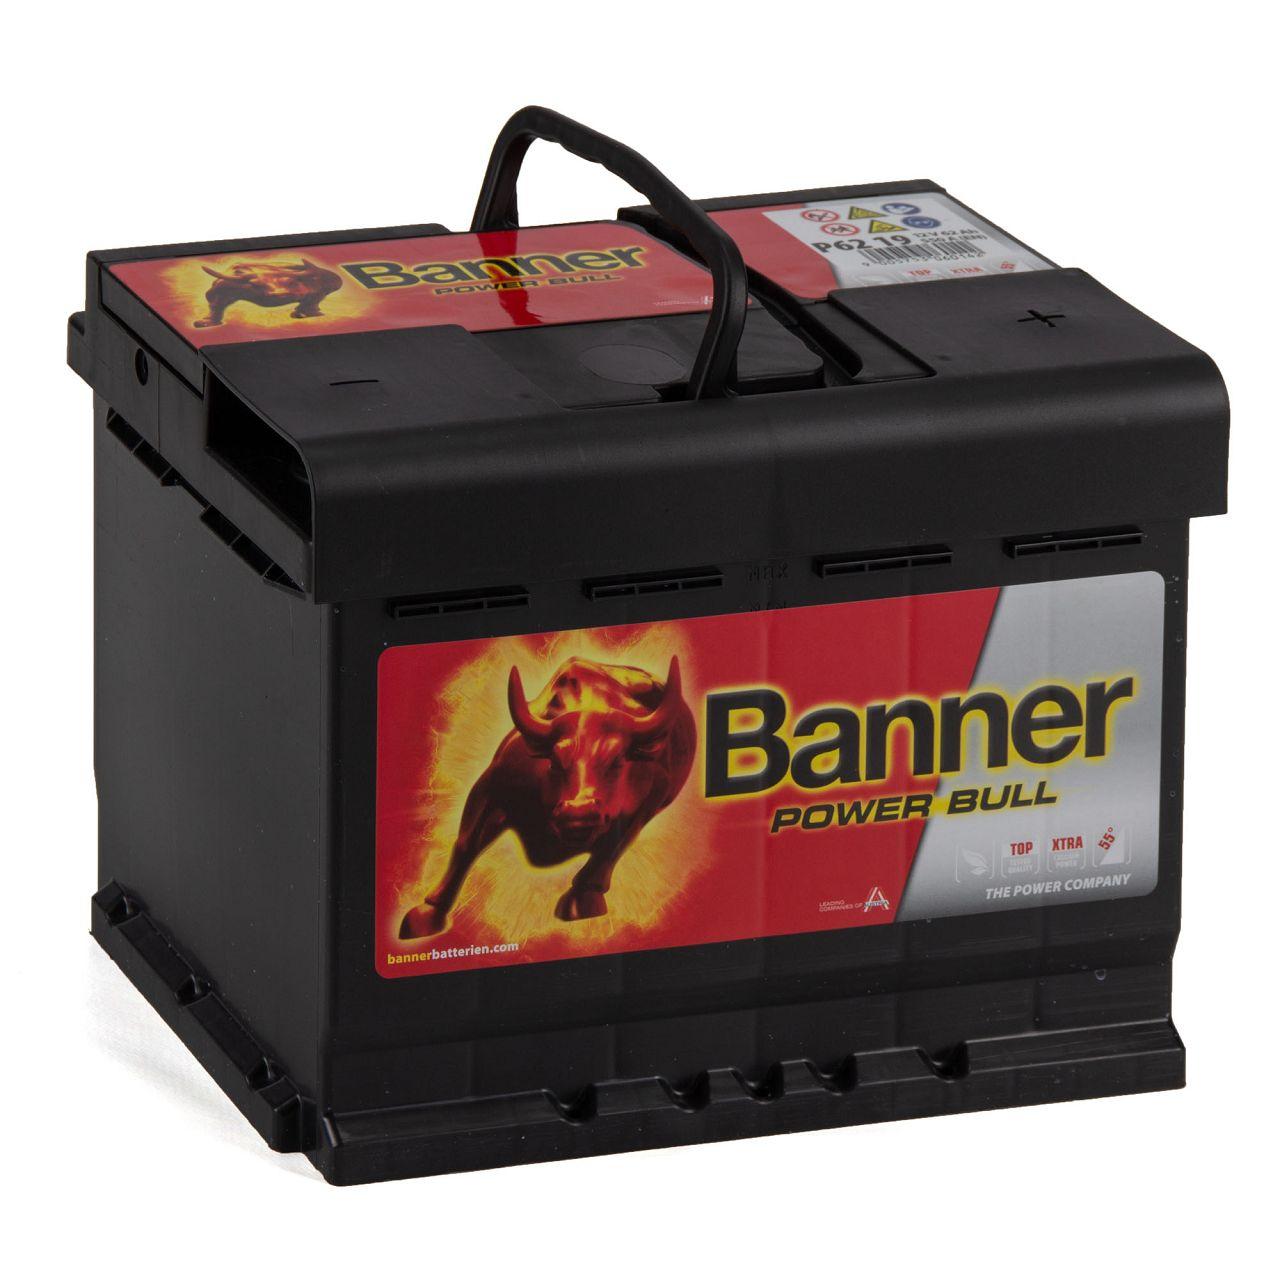 BANNER 56219 P6219 Power Bull Autobatterie Batterie 12V 62Ah 550A